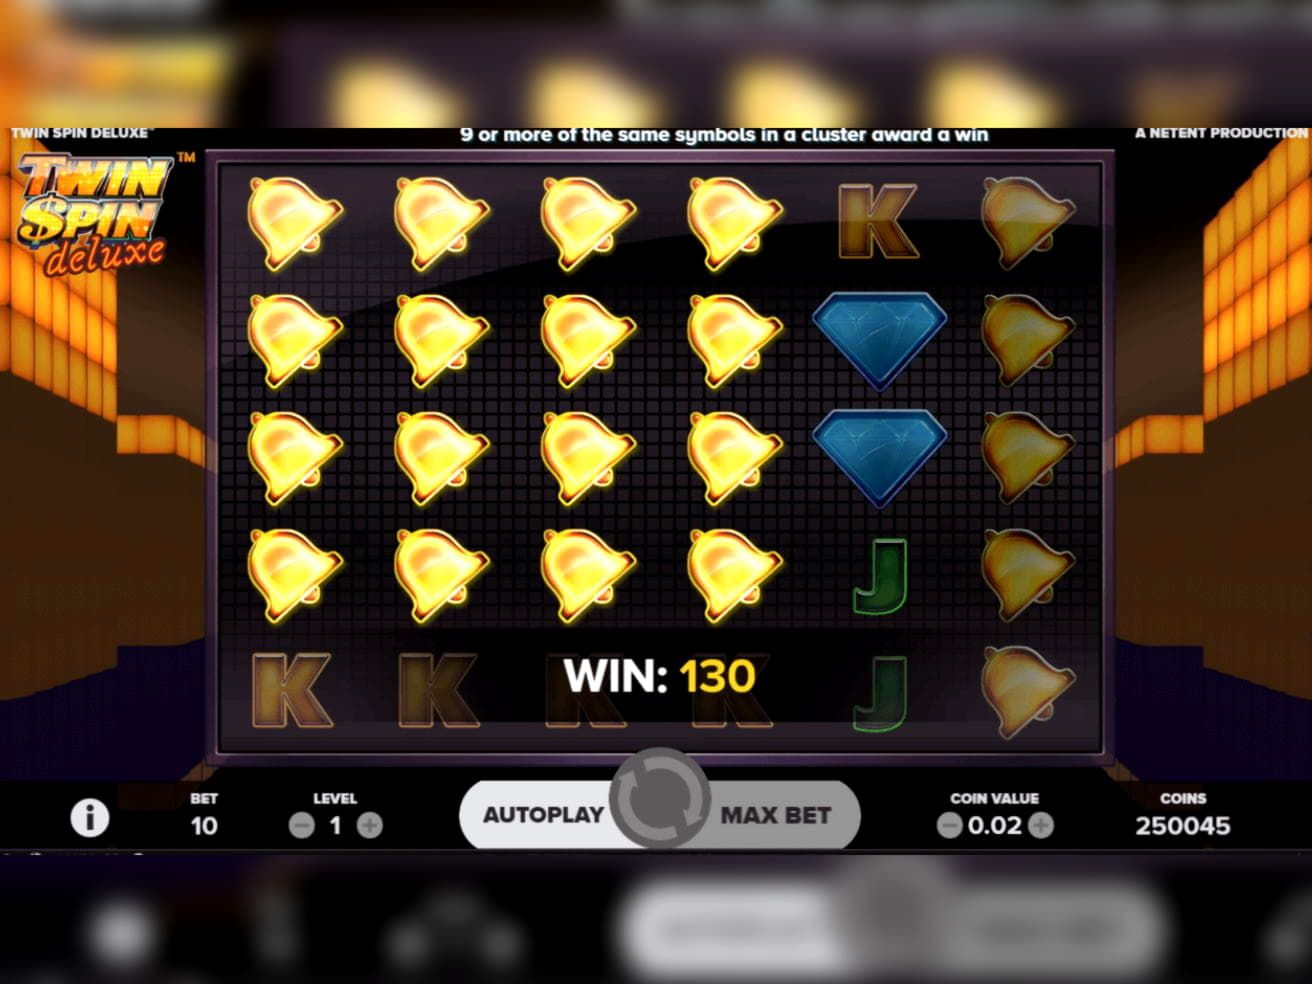 Euro 2015 No Deposit Bonus At Malina Casino 33x Wageringeur 670000